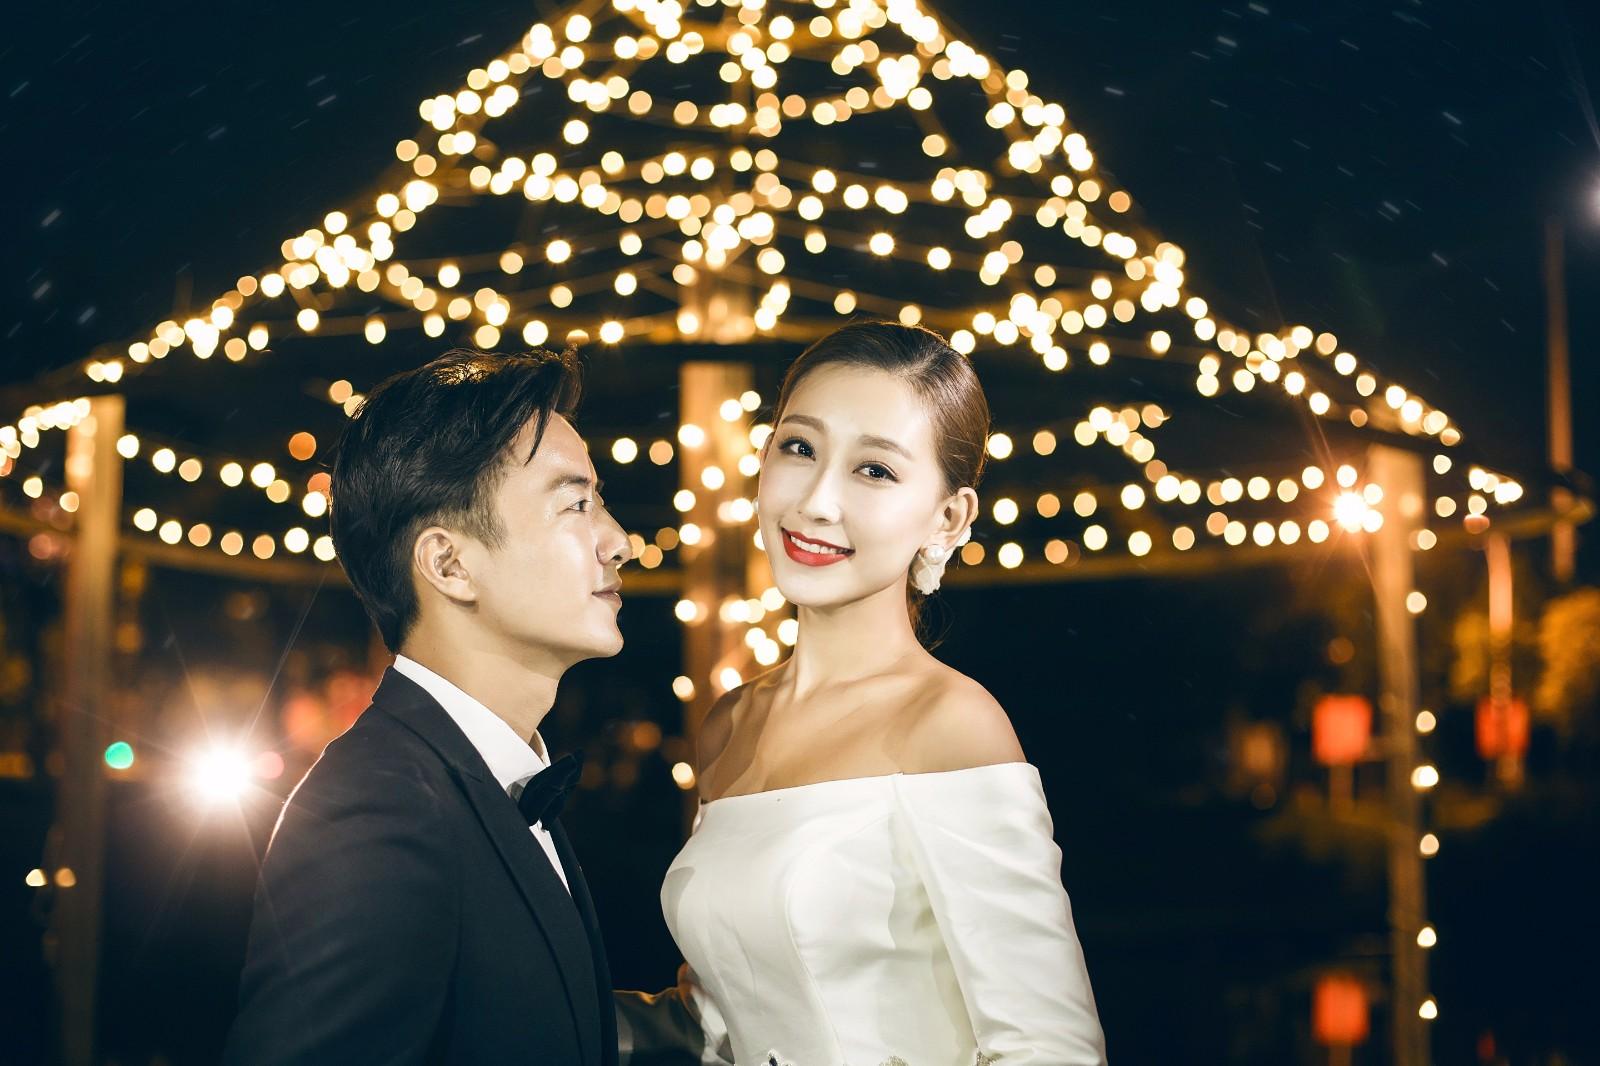 婚假请假条范文,我们一起去看一看吧!